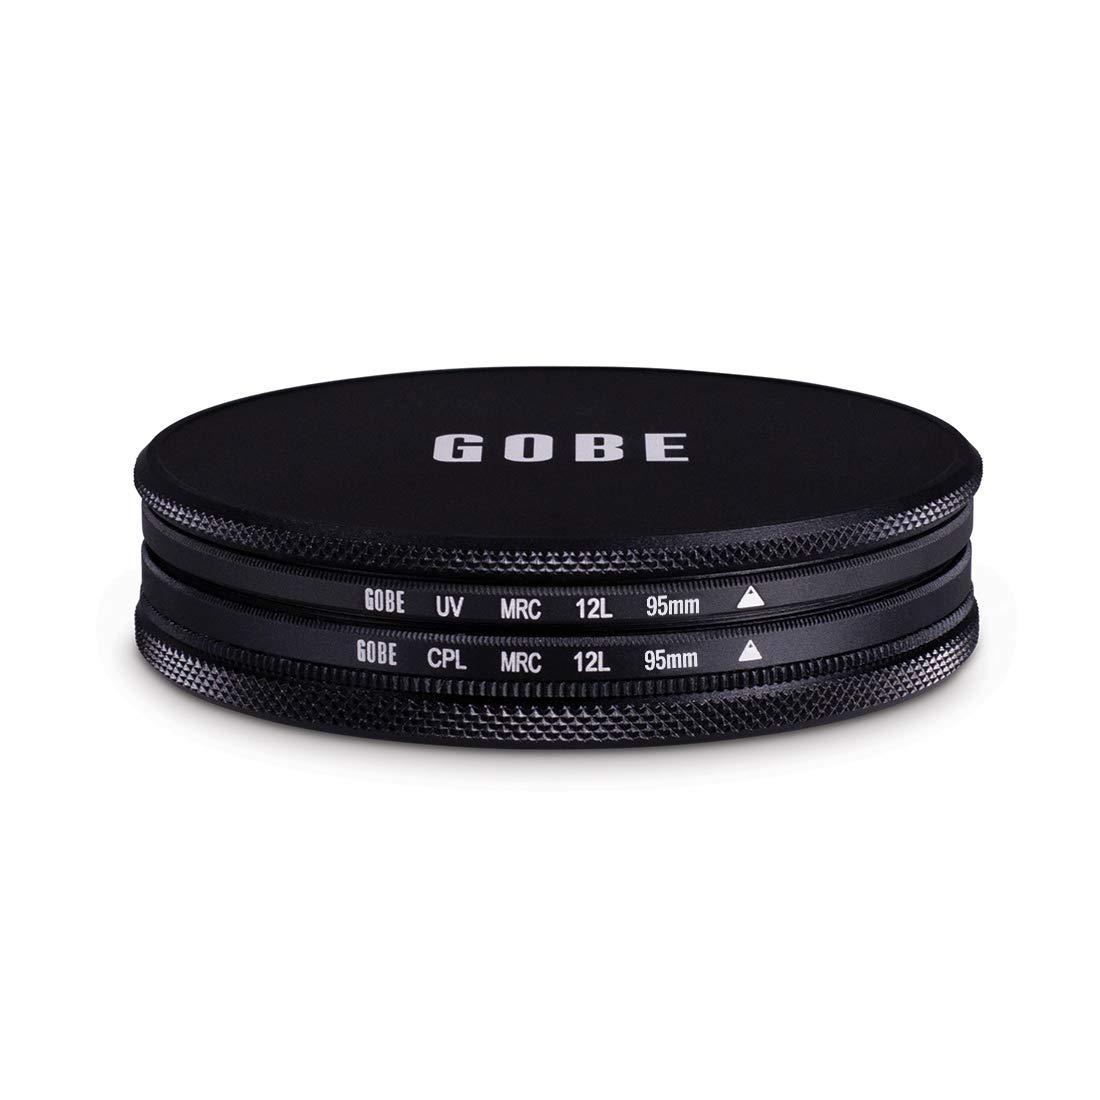 UV CPL Polarizer Gobe Filter Kit 95mm MRC 12-Layer